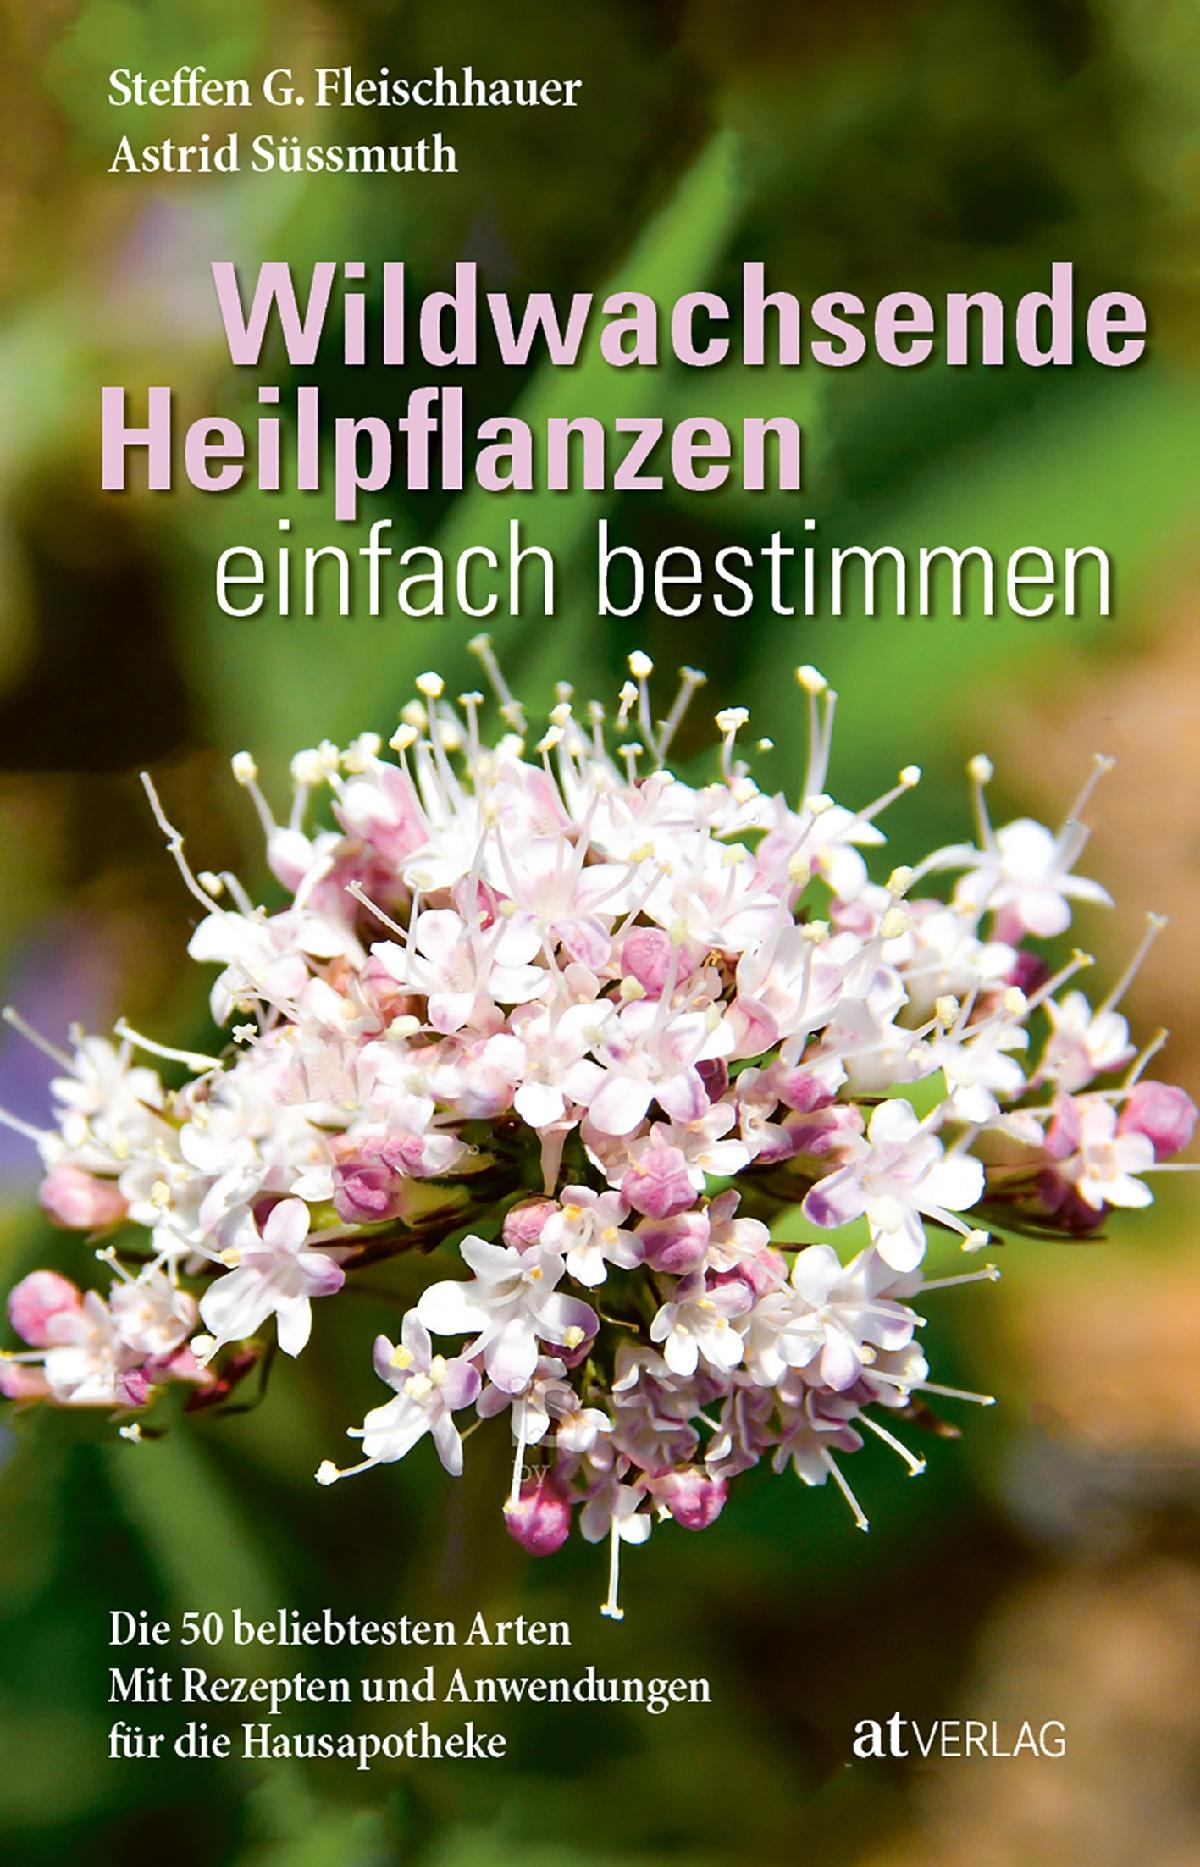 Buch: Wildwachsende Heilpflanzen einfach bestimmen von Steffen Guido  Fleischhauer, Astrid Süssmuth, Roland Spiegelberger, Claudia Gassner, Viola  Nehrbaß • AT Verlag